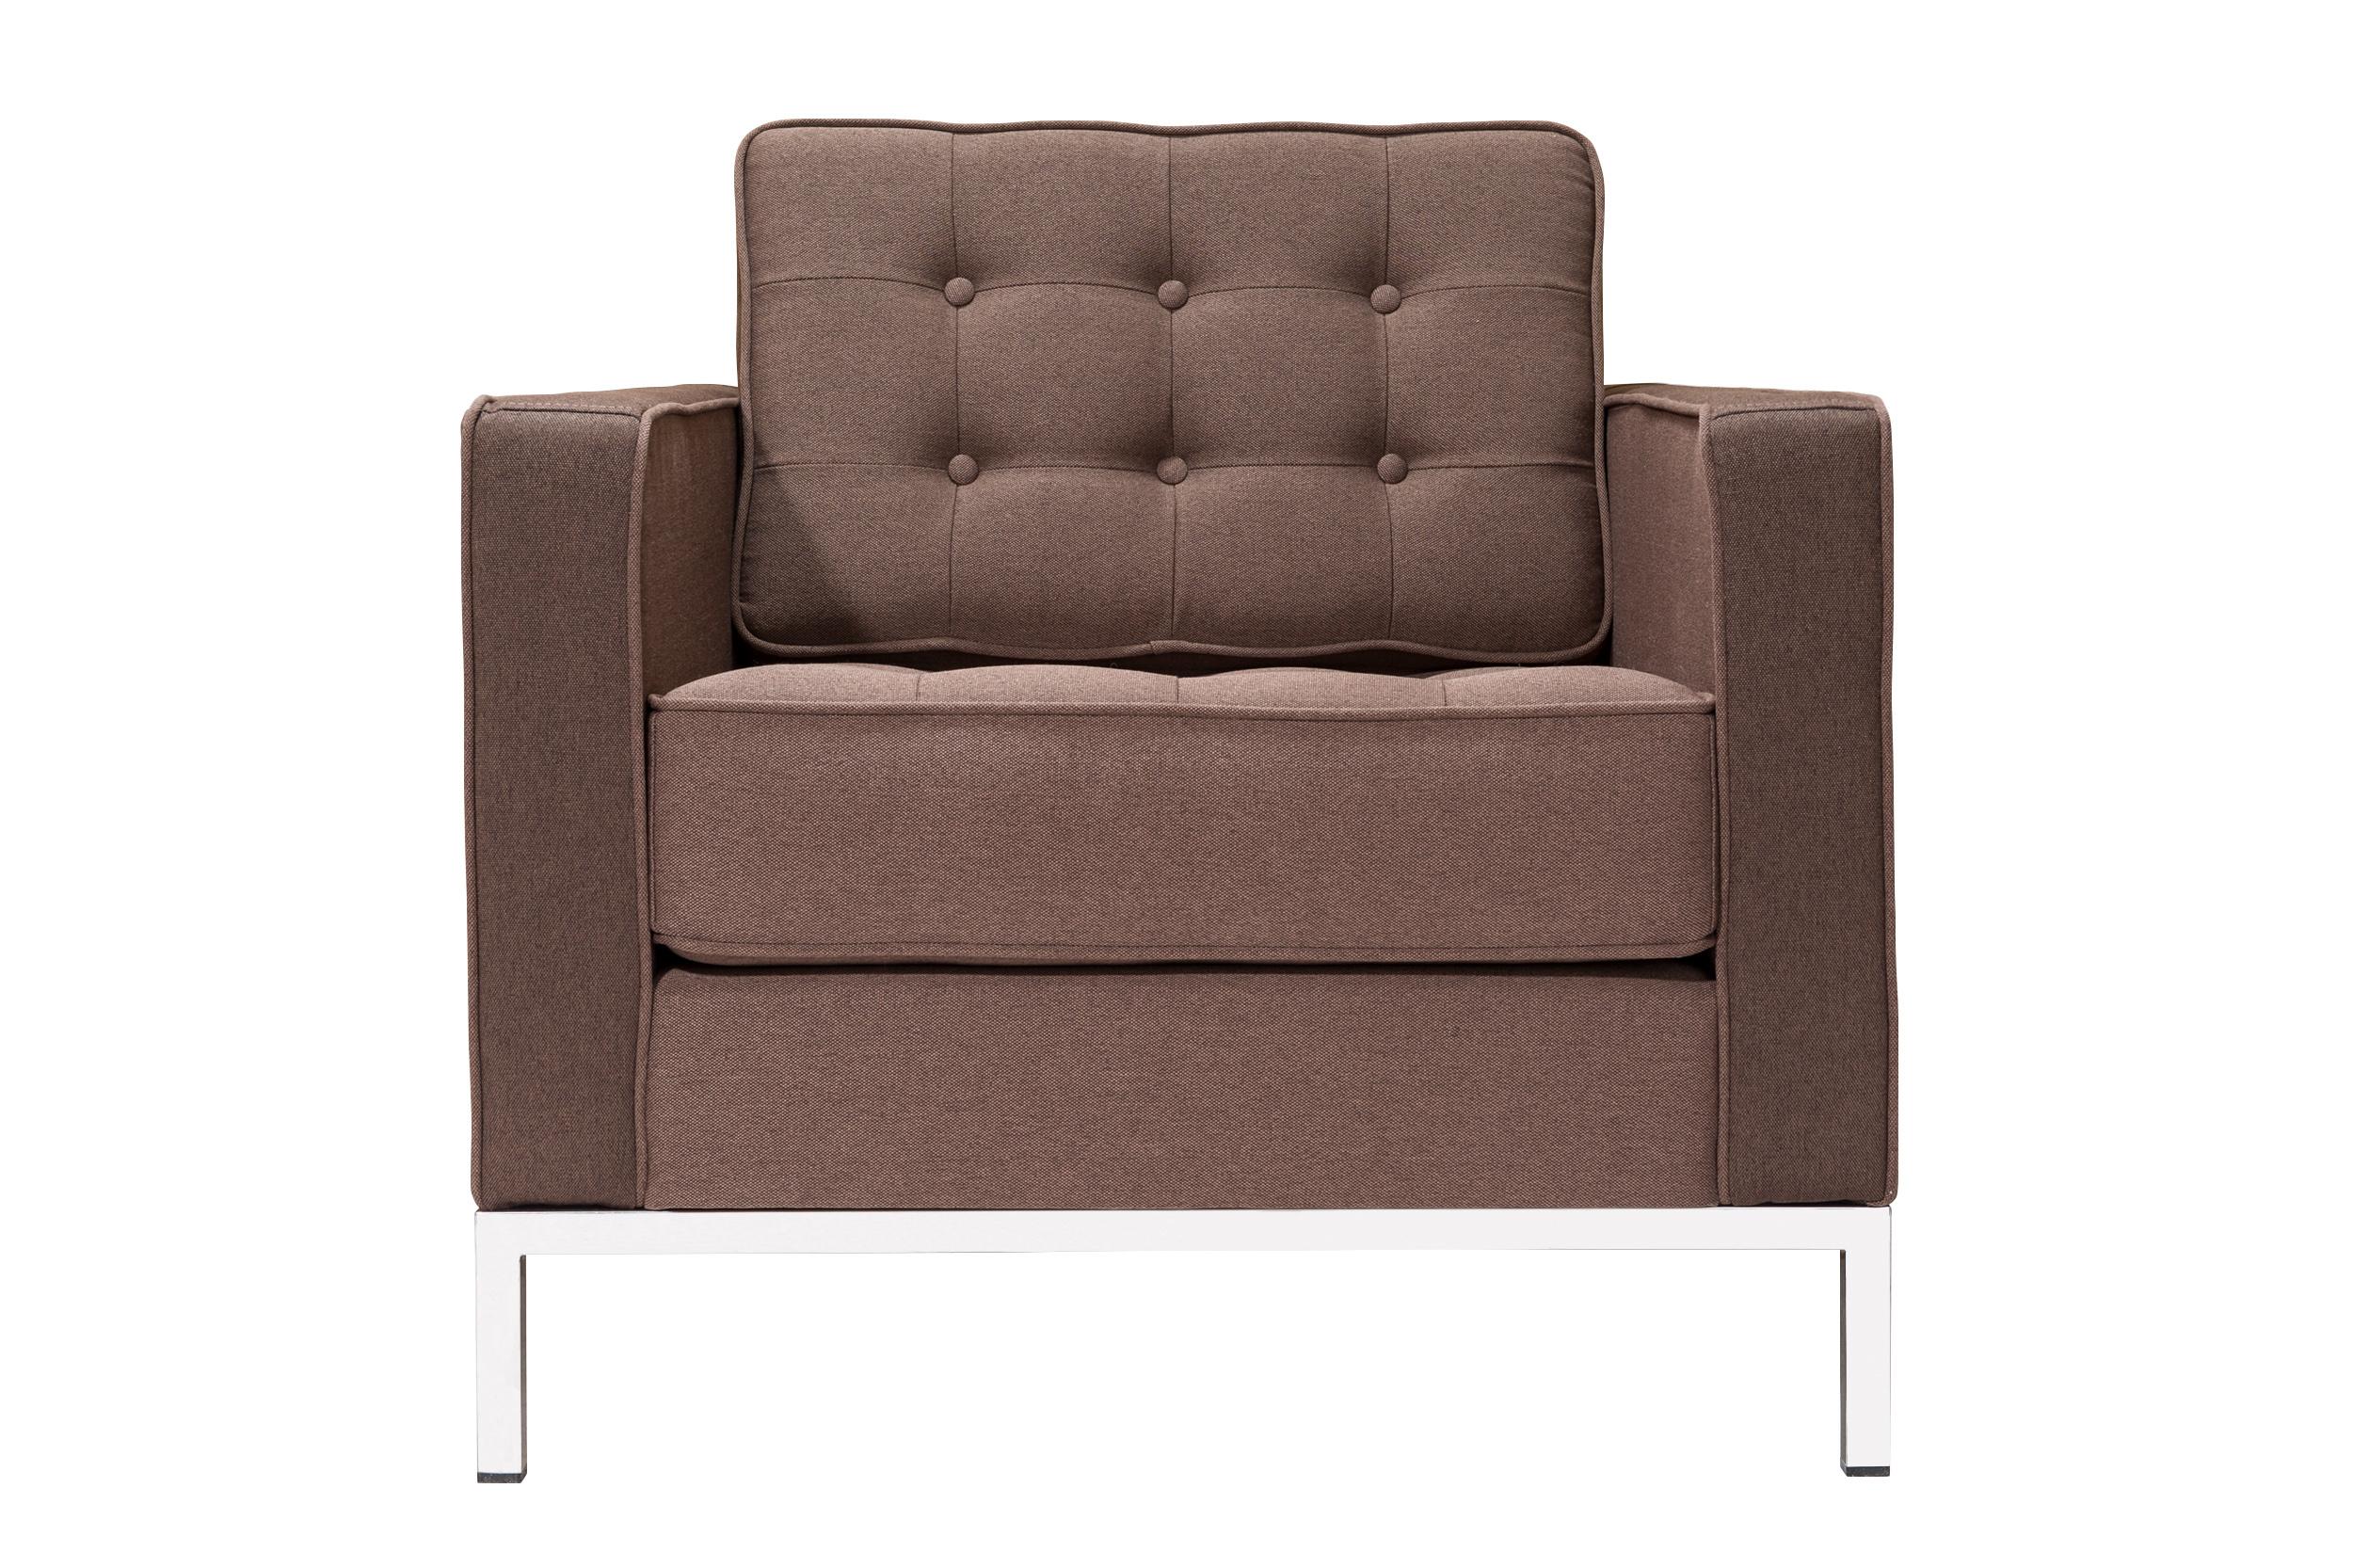 Кресло KnollИнтерьерные кресла<br>Это кресло разработано Флоренс Нолл более полувека назад, в 1954 году. Несмотря на давность творения, оно выглядит современно и является подходящим для любых модных сегодня интерьеров. Не выходить из моды ему позволяют пропорции, сочетающиеся друг с другом в строгой симметрии. Оригинальность нарочито простому силуэту дарят детали вроде мебельной стяжки и металлических ножек.&amp;amp;nbsp;&amp;lt;div&amp;gt;&amp;lt;br&amp;gt;&amp;lt;/div&amp;gt;&amp;lt;div&amp;gt;Вы можете выбрать ткань из 28 благородных оттенков. Ткань характеризуется высокой прочностью, устойчивостью к химическому и световому воздействиям, не линяет, не скатывается и не впитывает жидкость.&amp;amp;nbsp;&amp;lt;/div&amp;gt;<br><br>Material: Текстиль<br>Ширина см: 83<br>Высота см: 80<br>Глубина см: 80